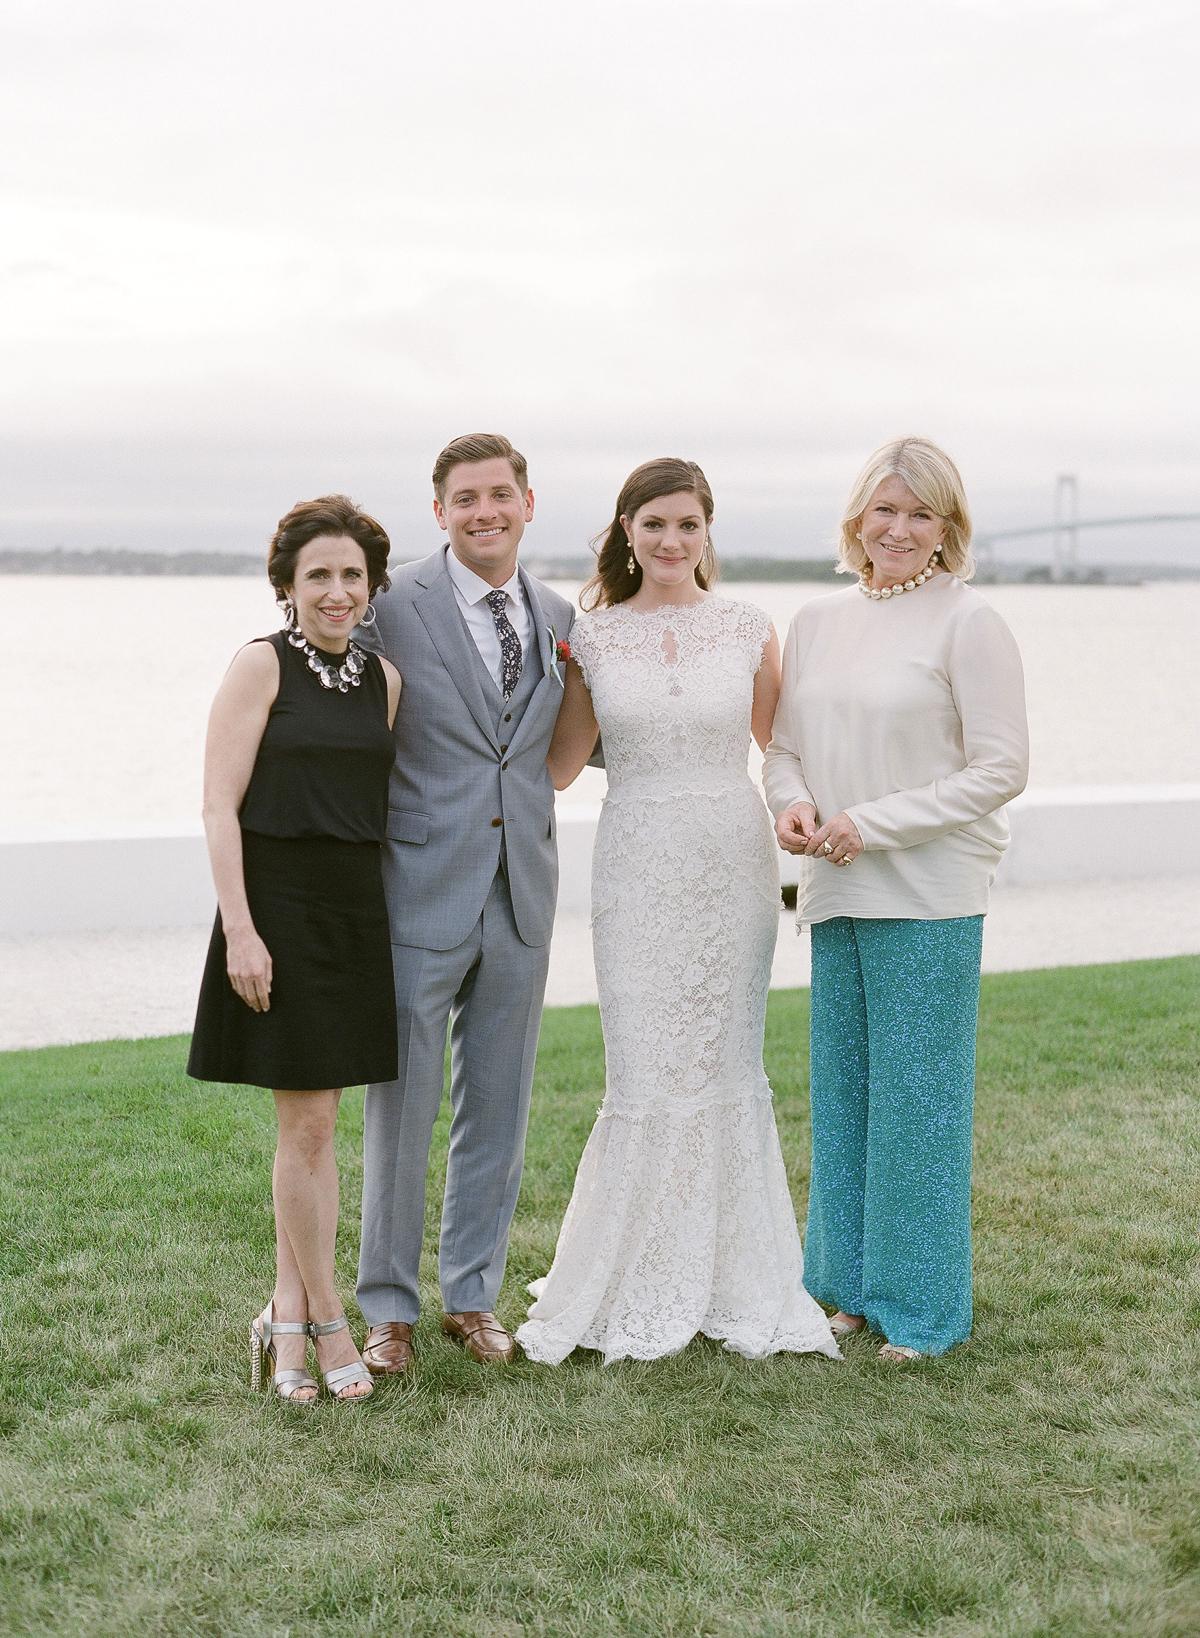 colleen stephen newport wedding couple with martha stewart and darcy miller nussbaum